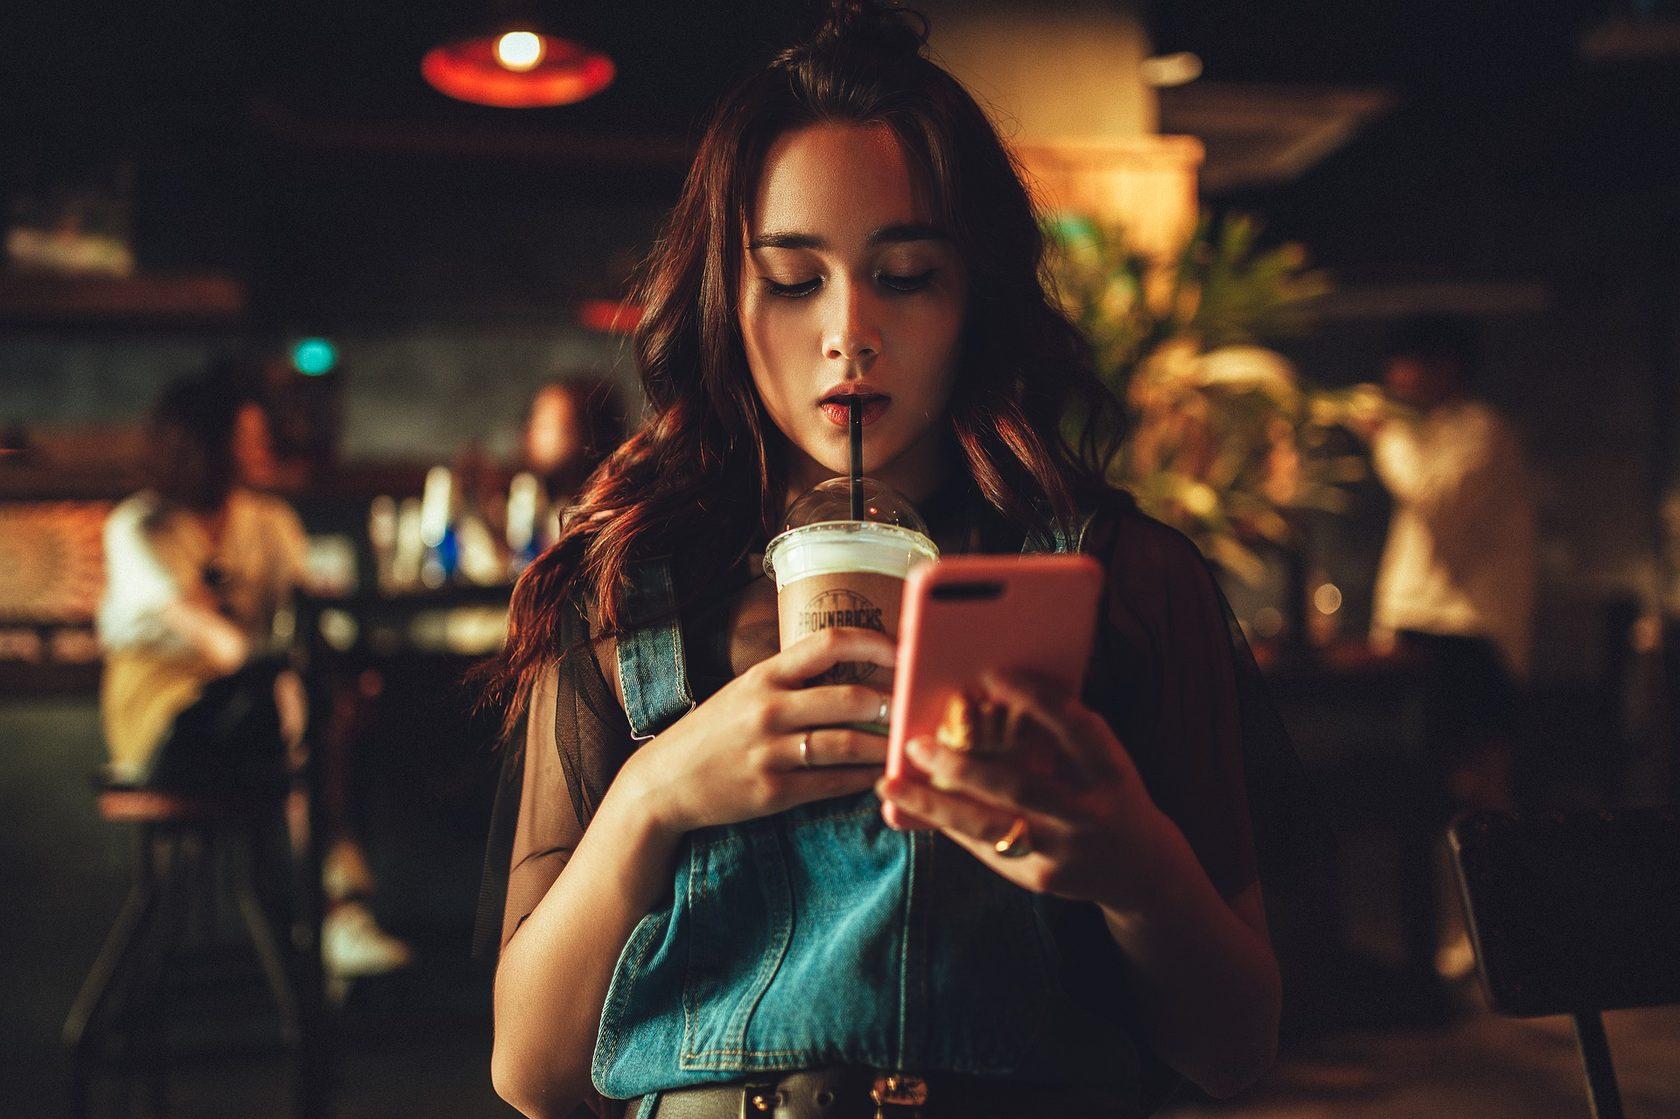 Изображение девушки с кофе